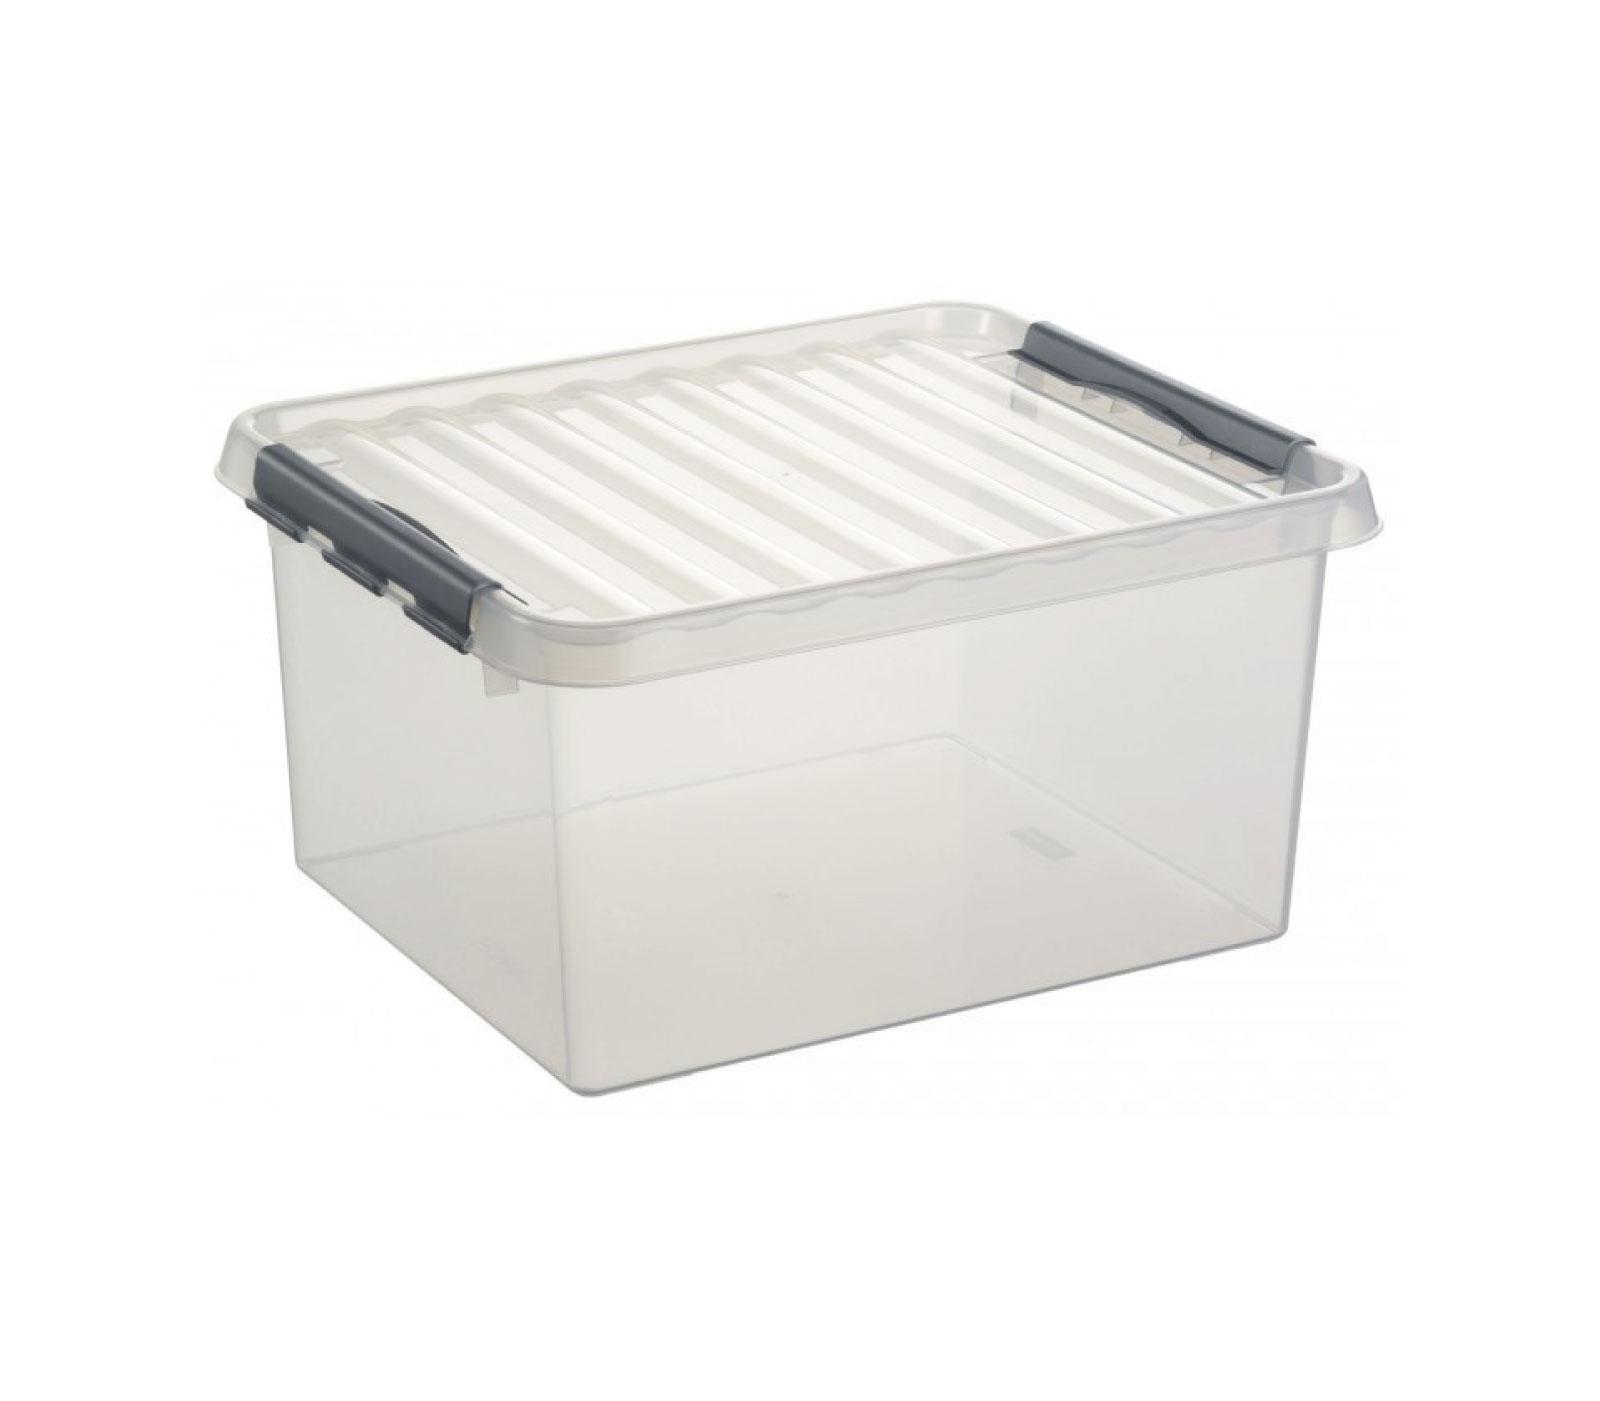 Sunware Q-line Opbergbox Xl